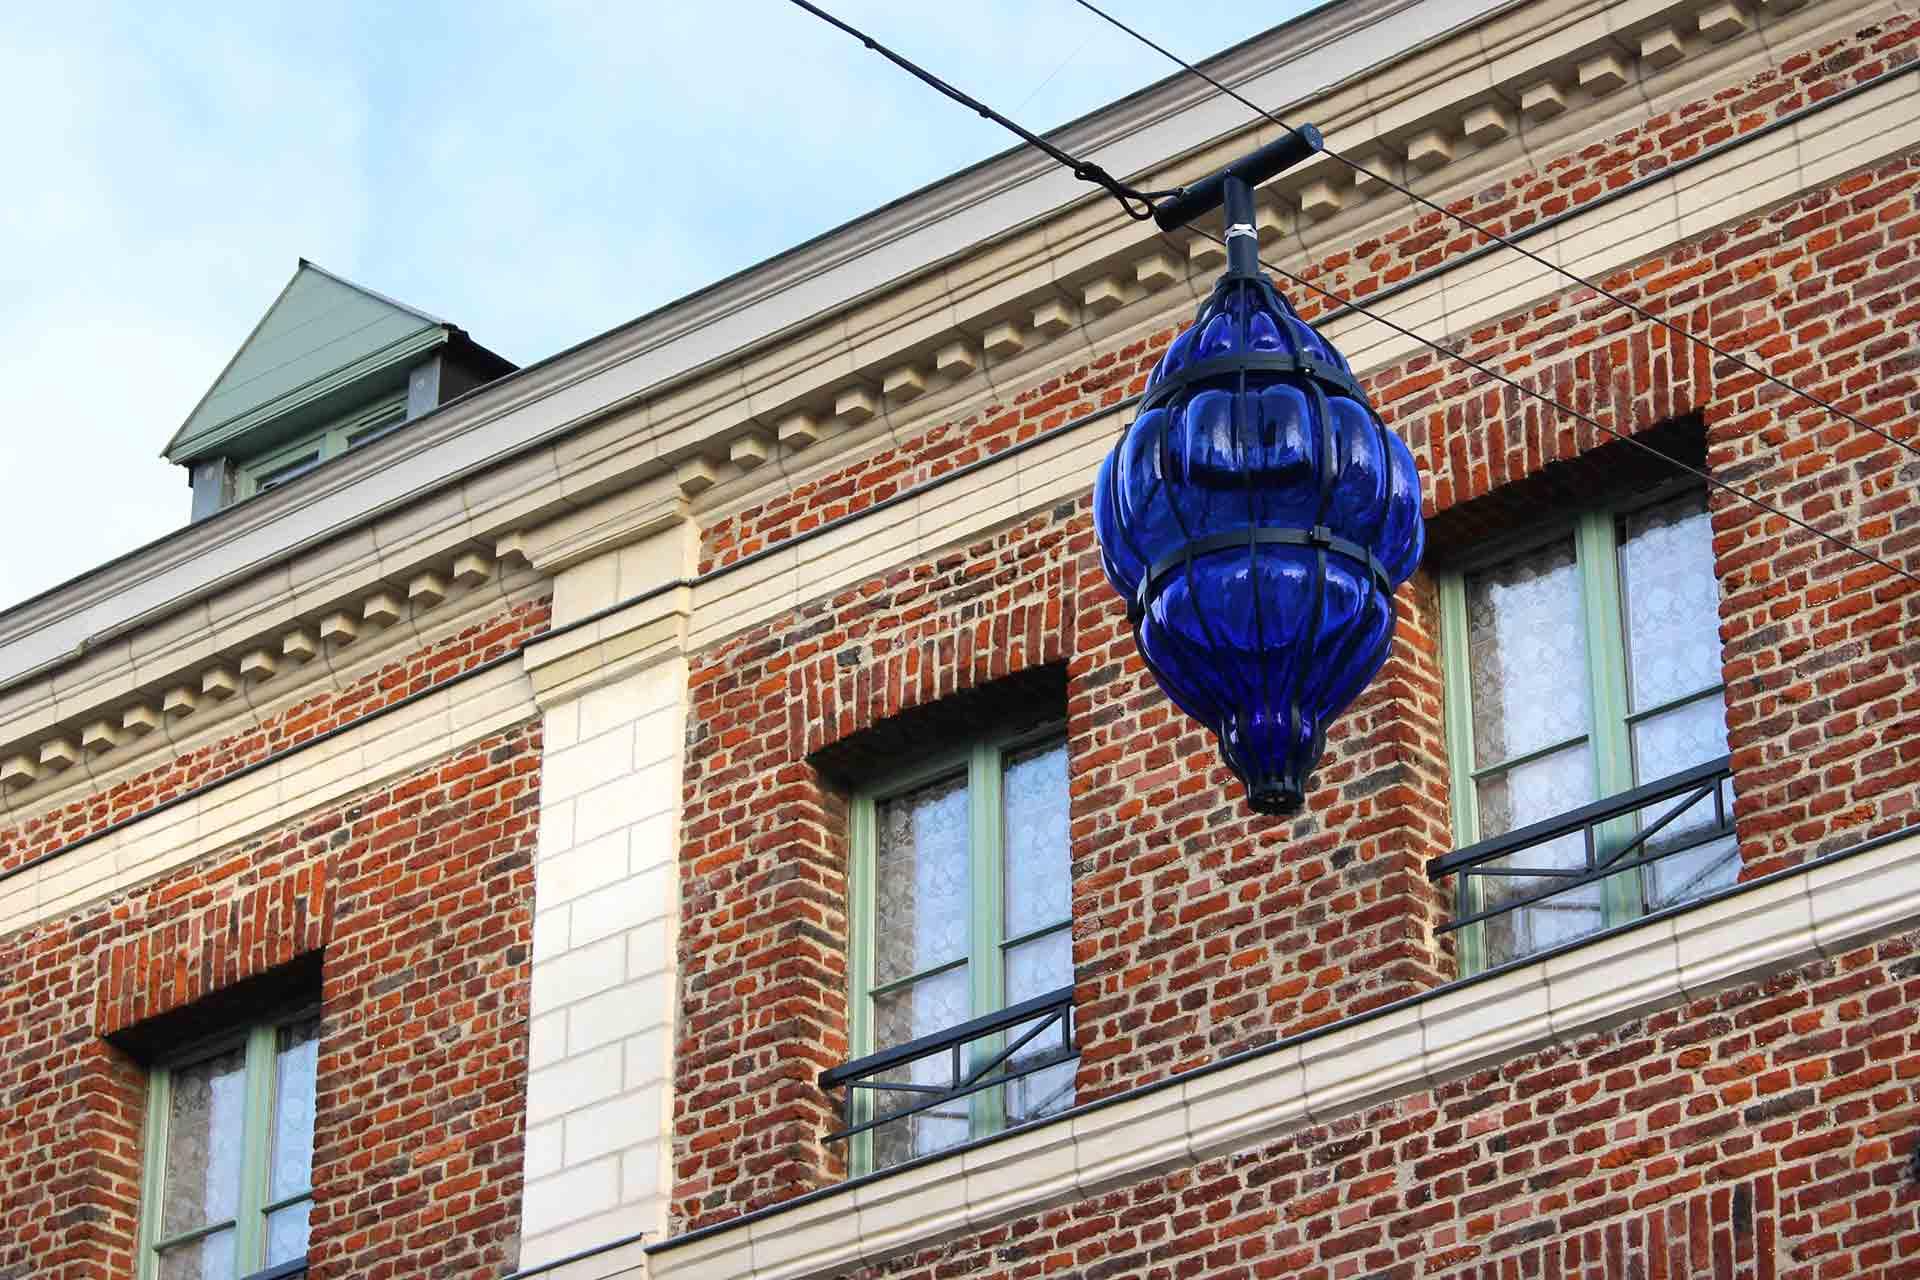 Lanternes en verre bleu nuit de la ville de Valenciennes réalisation par Olivier Juteau Maître Verrier